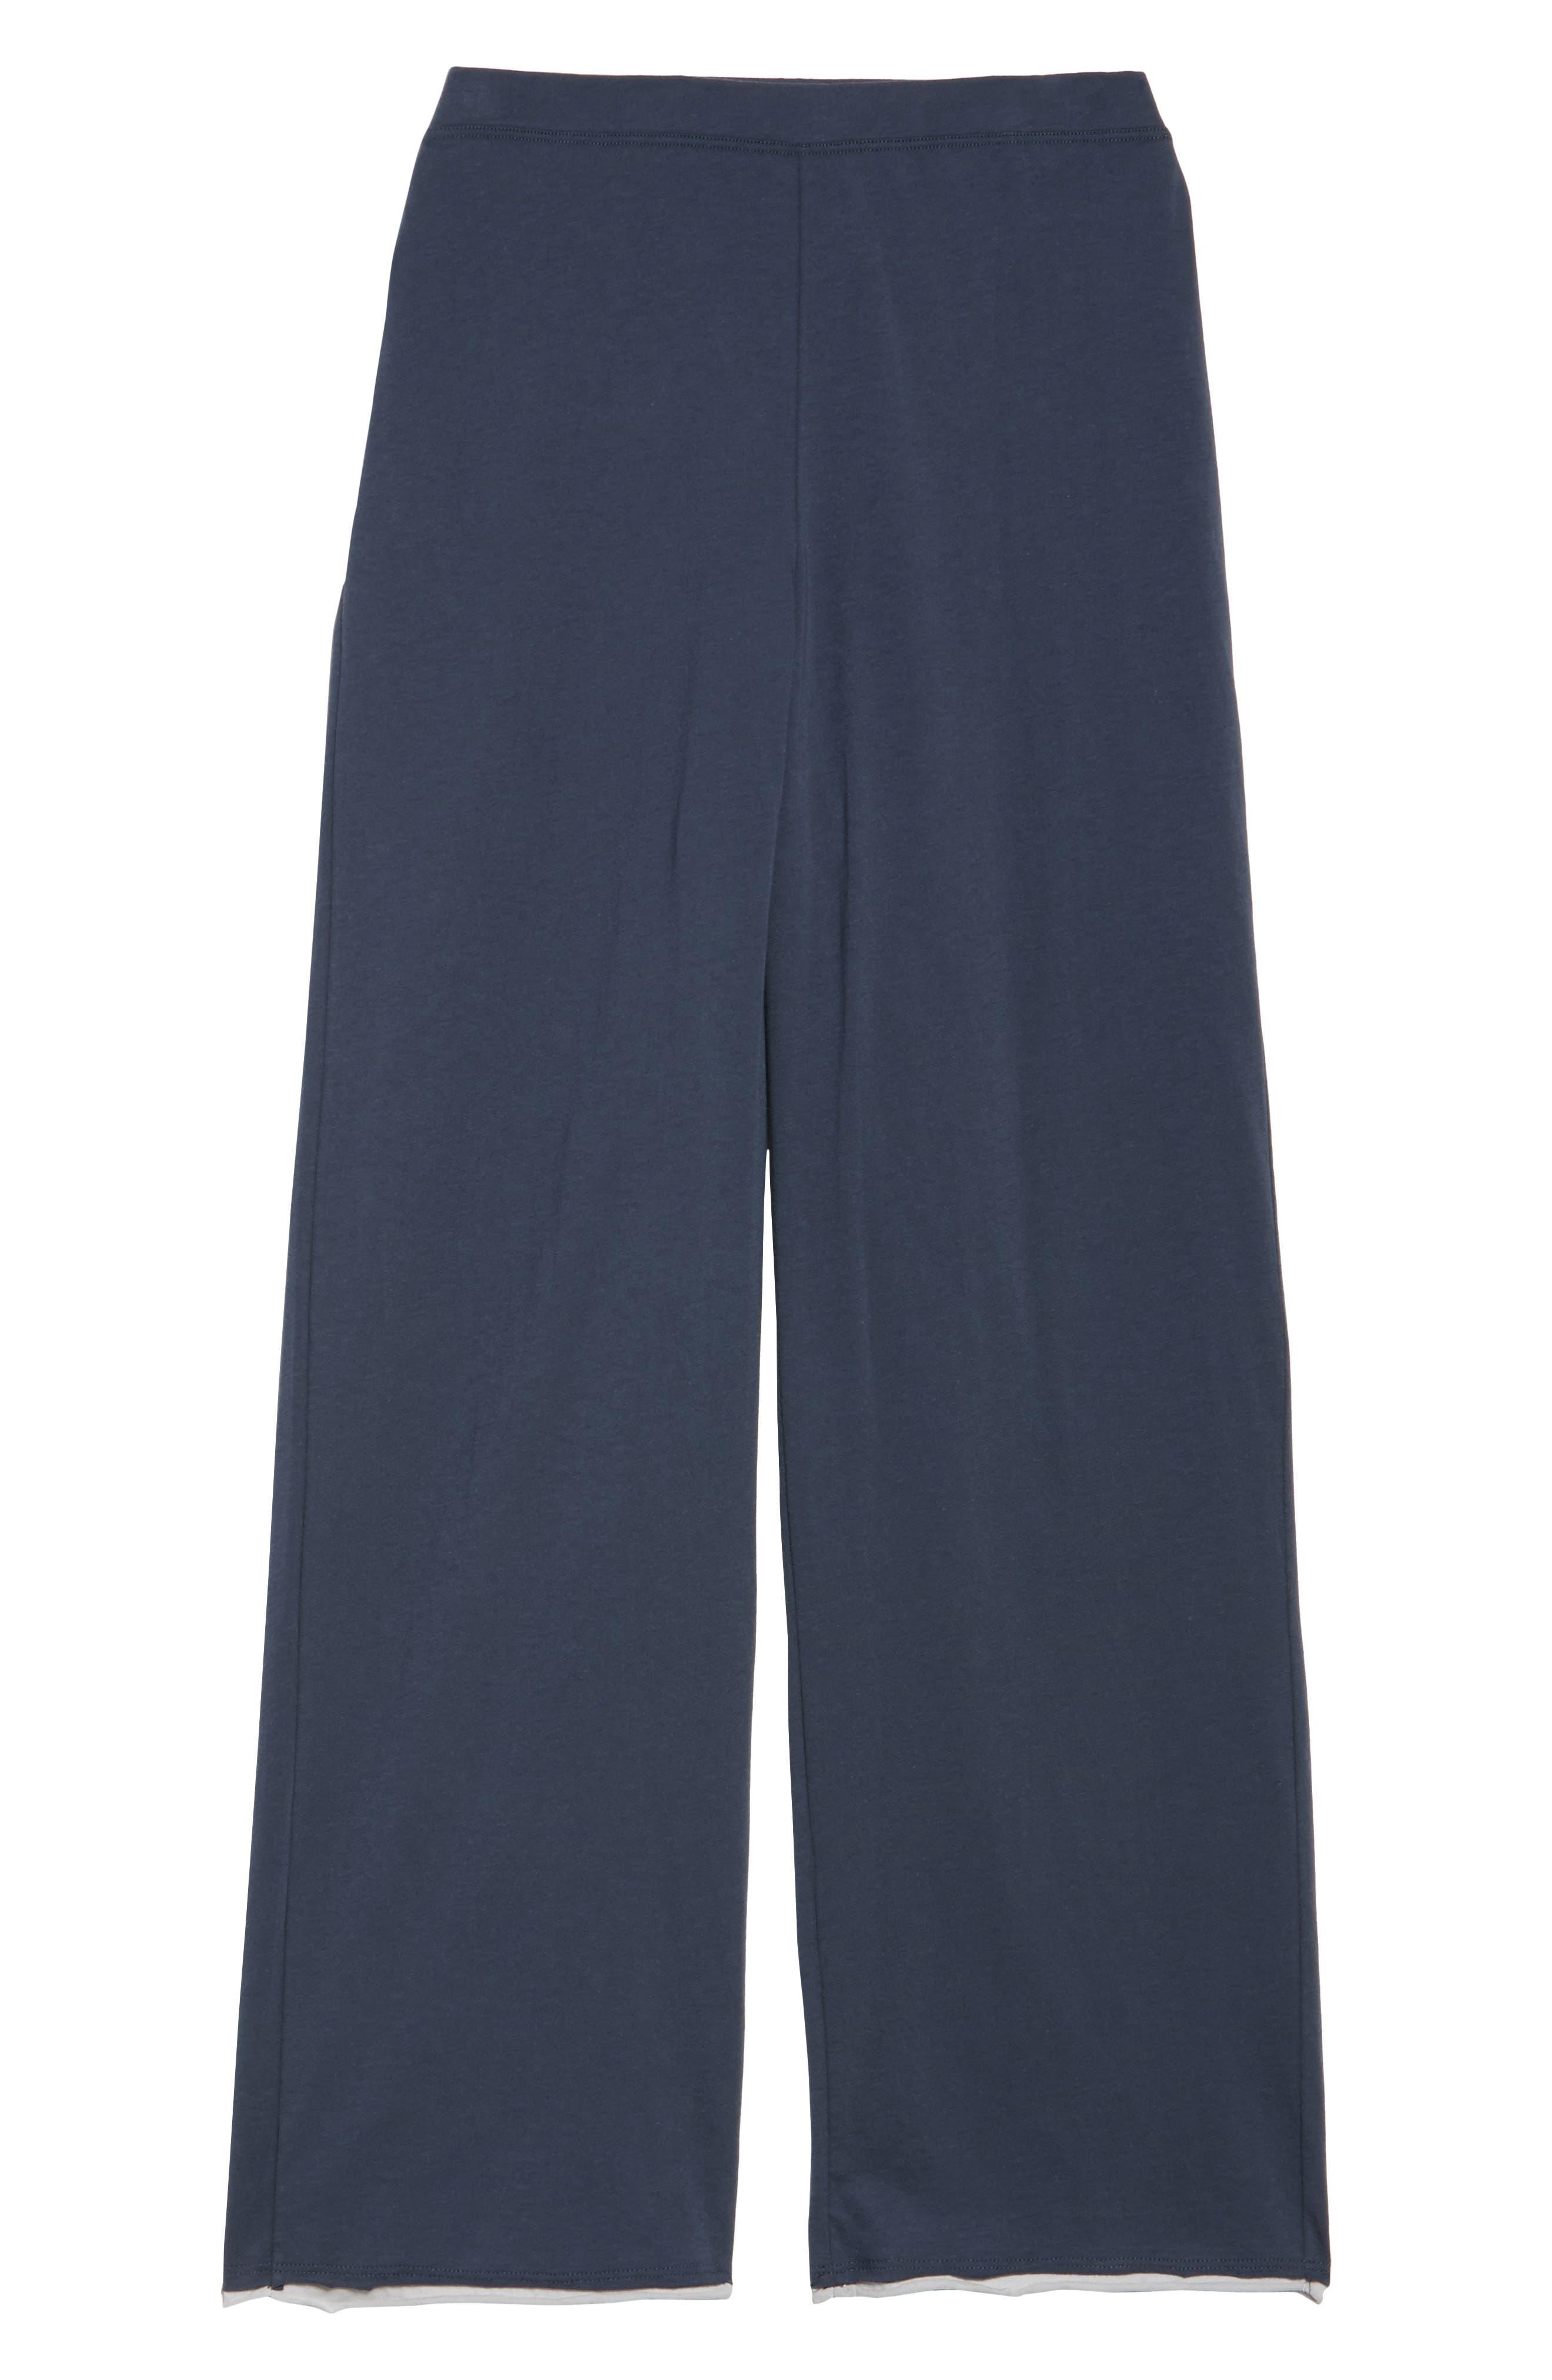 Etta Pima Cotton Pants,                             Alternate thumbnail 4, color,                             Anchor Blue Cloud